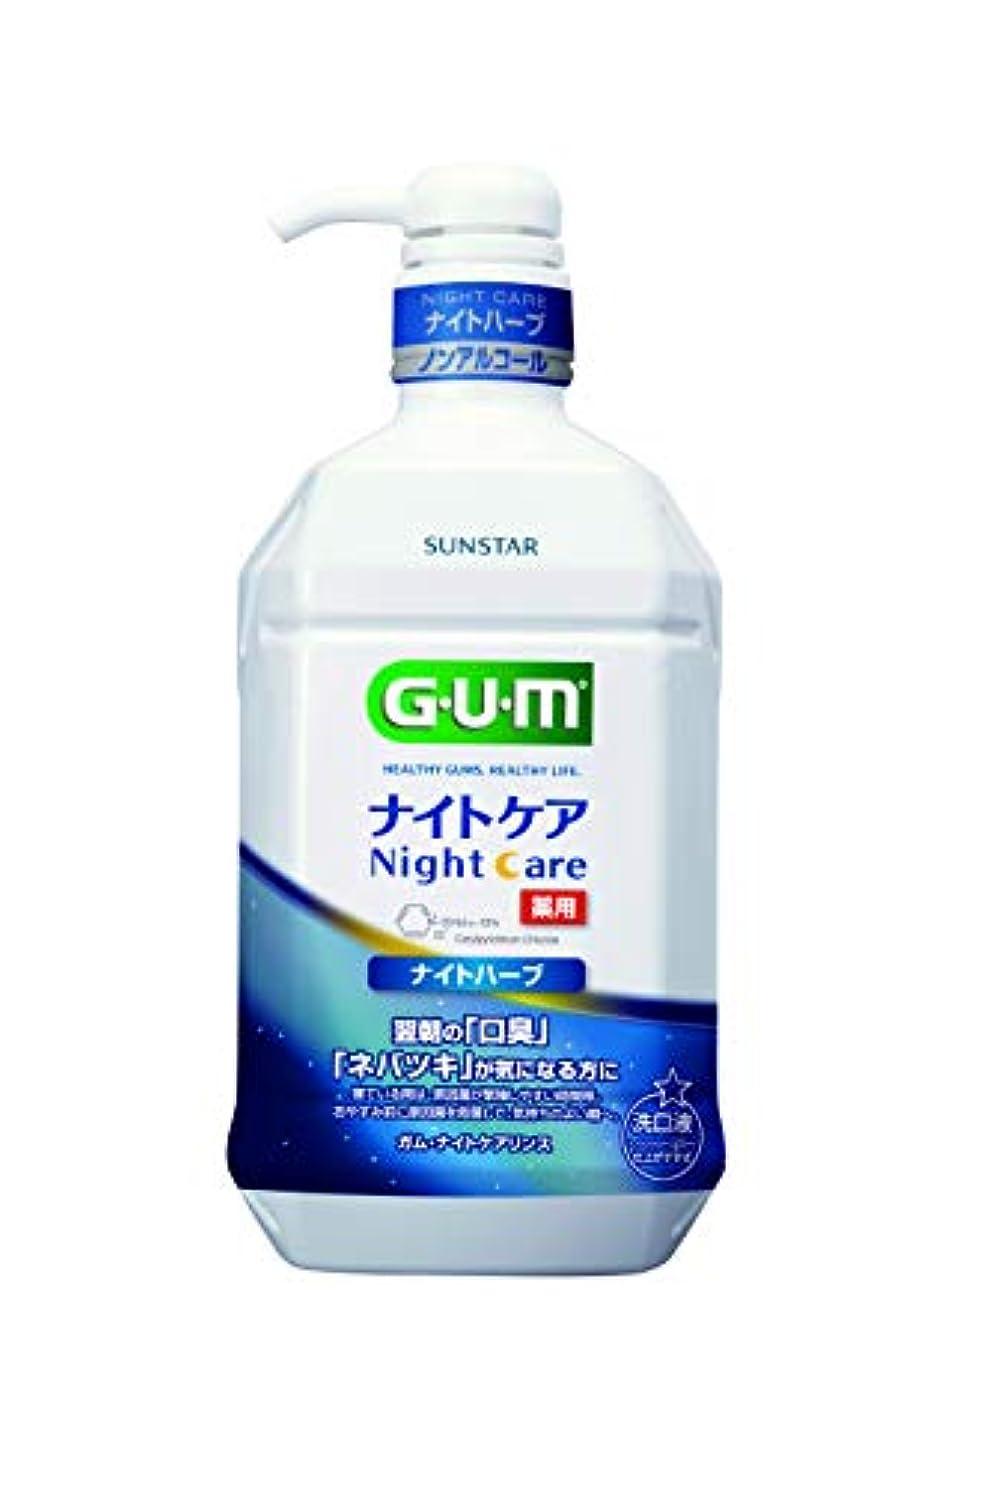 ノート母どんよりした(医薬部外品) GUM(ガム) マウスウォッシュ ナイトケア 薬用洗口液(ナイトハーブタイプ)900mL